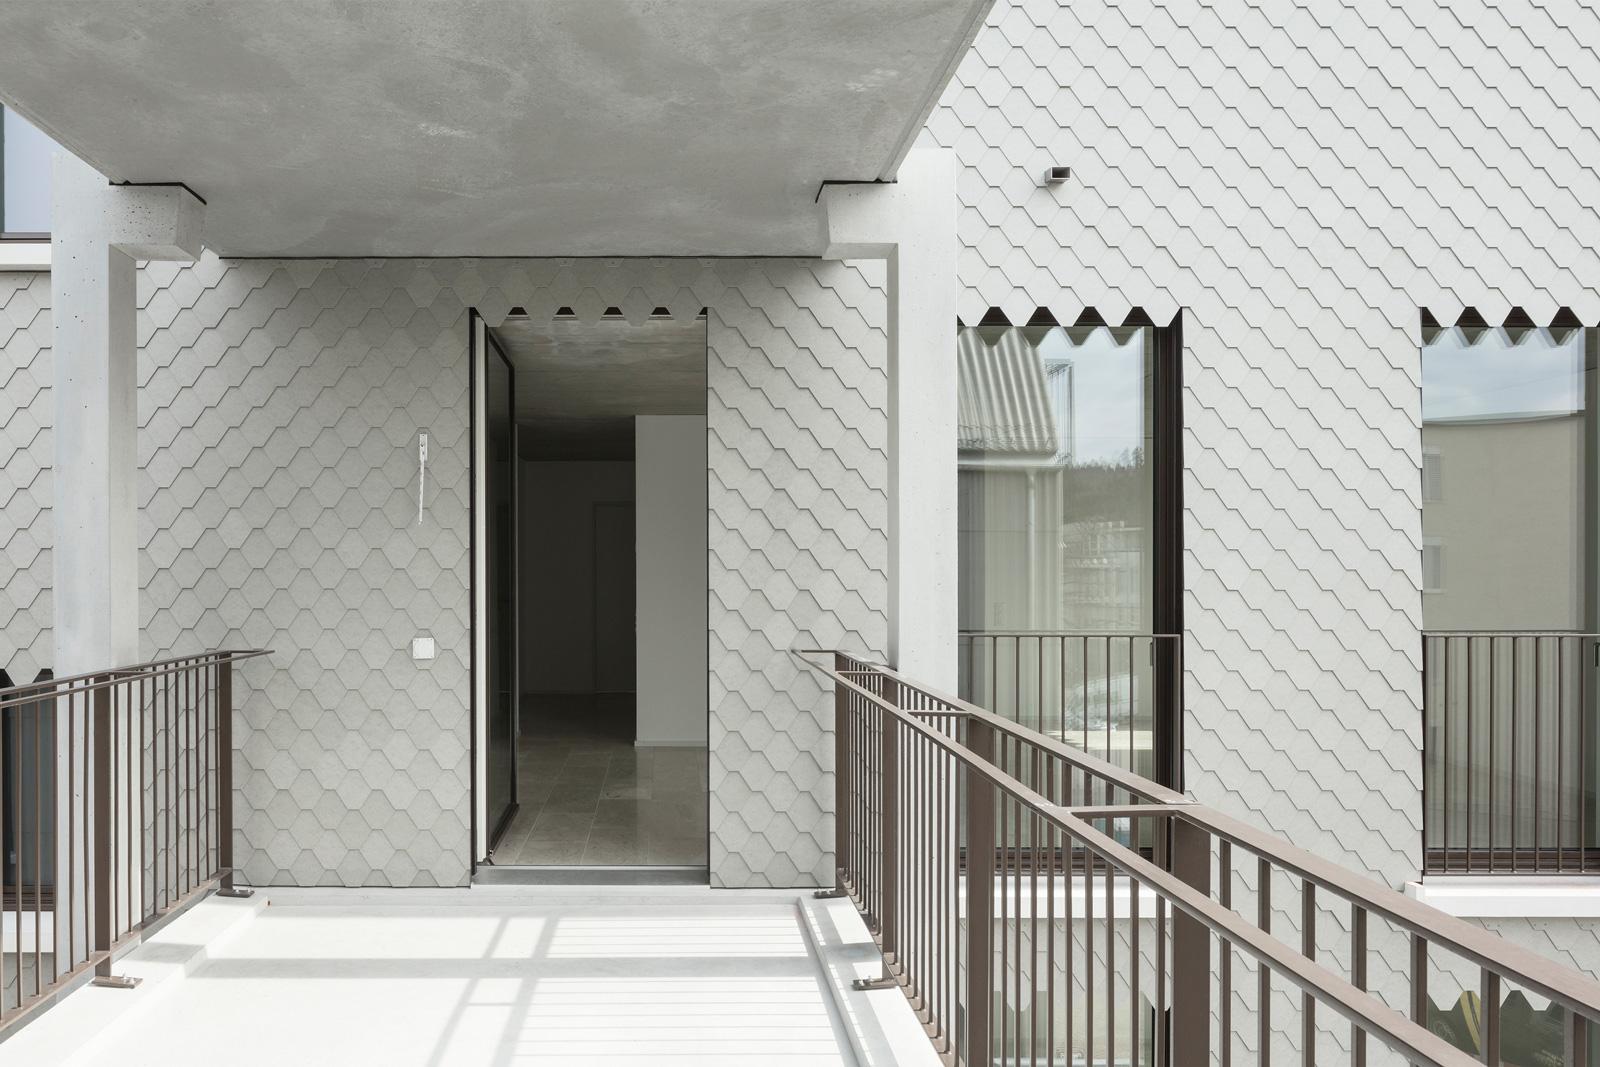 Balkon am Mehrfamilienhaus Hofwiesenweg mit Geländern von R&G Metallbau